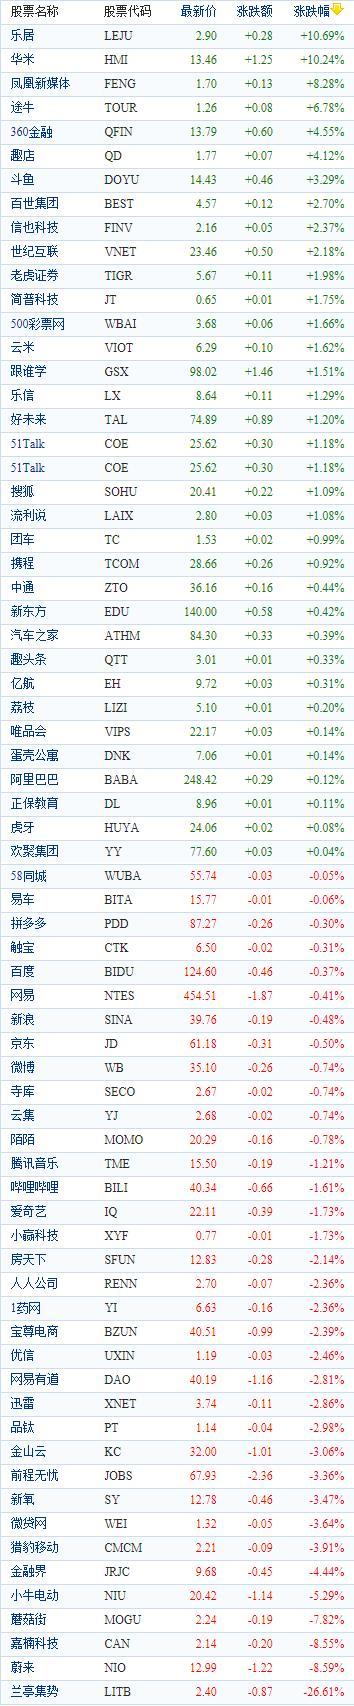 中国概念股周二收盘涨跌互现 华米科技上涨逾10%